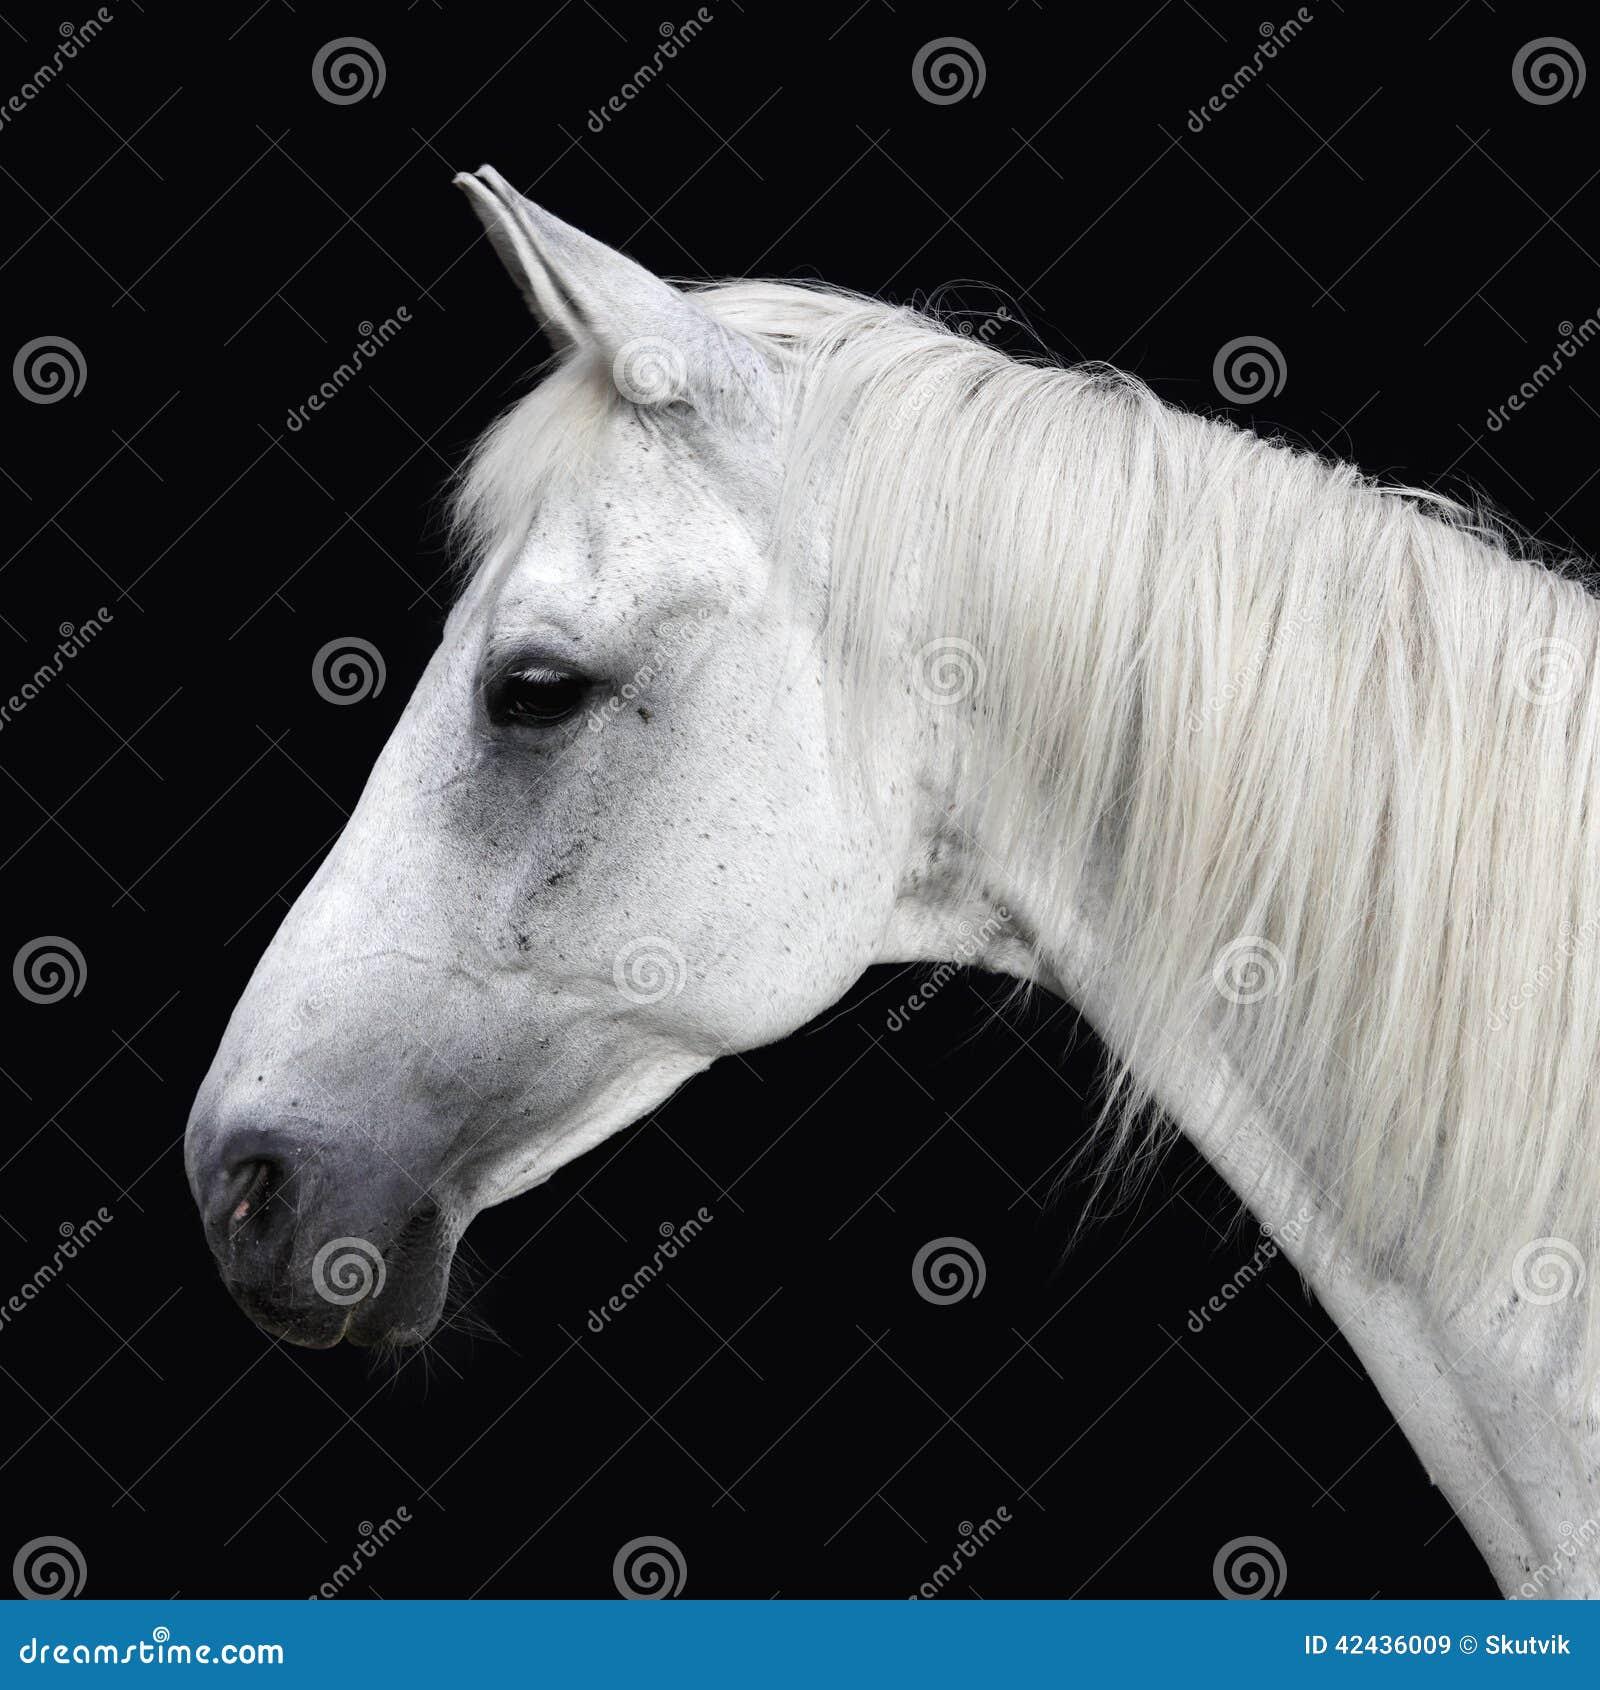 Download Retrato del caballo blanco imagen de archivo. Imagen de animal - 42436009